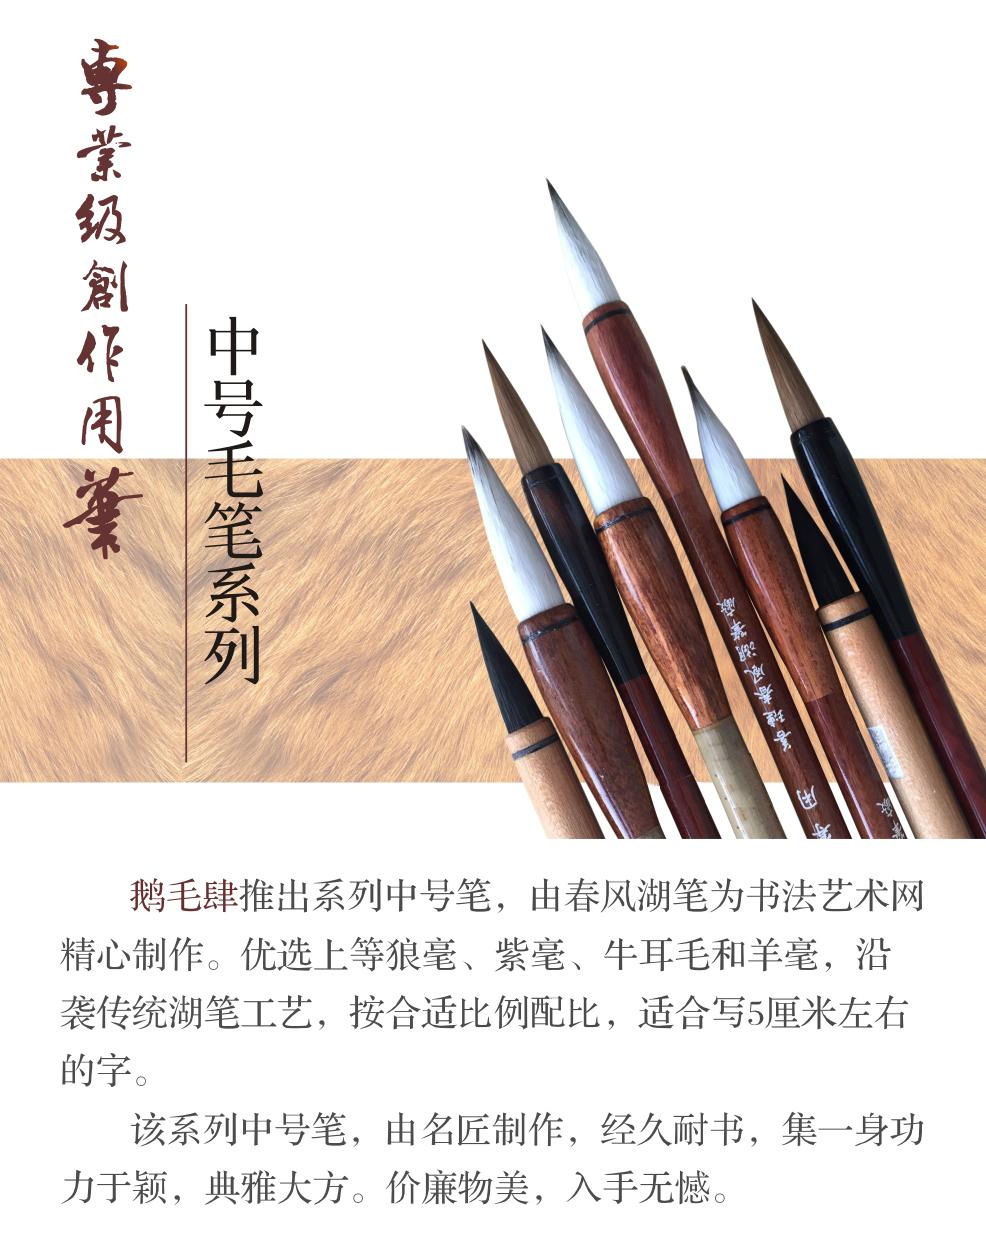 鹅毛肆推荐,专业级创作专用中号毛笔。